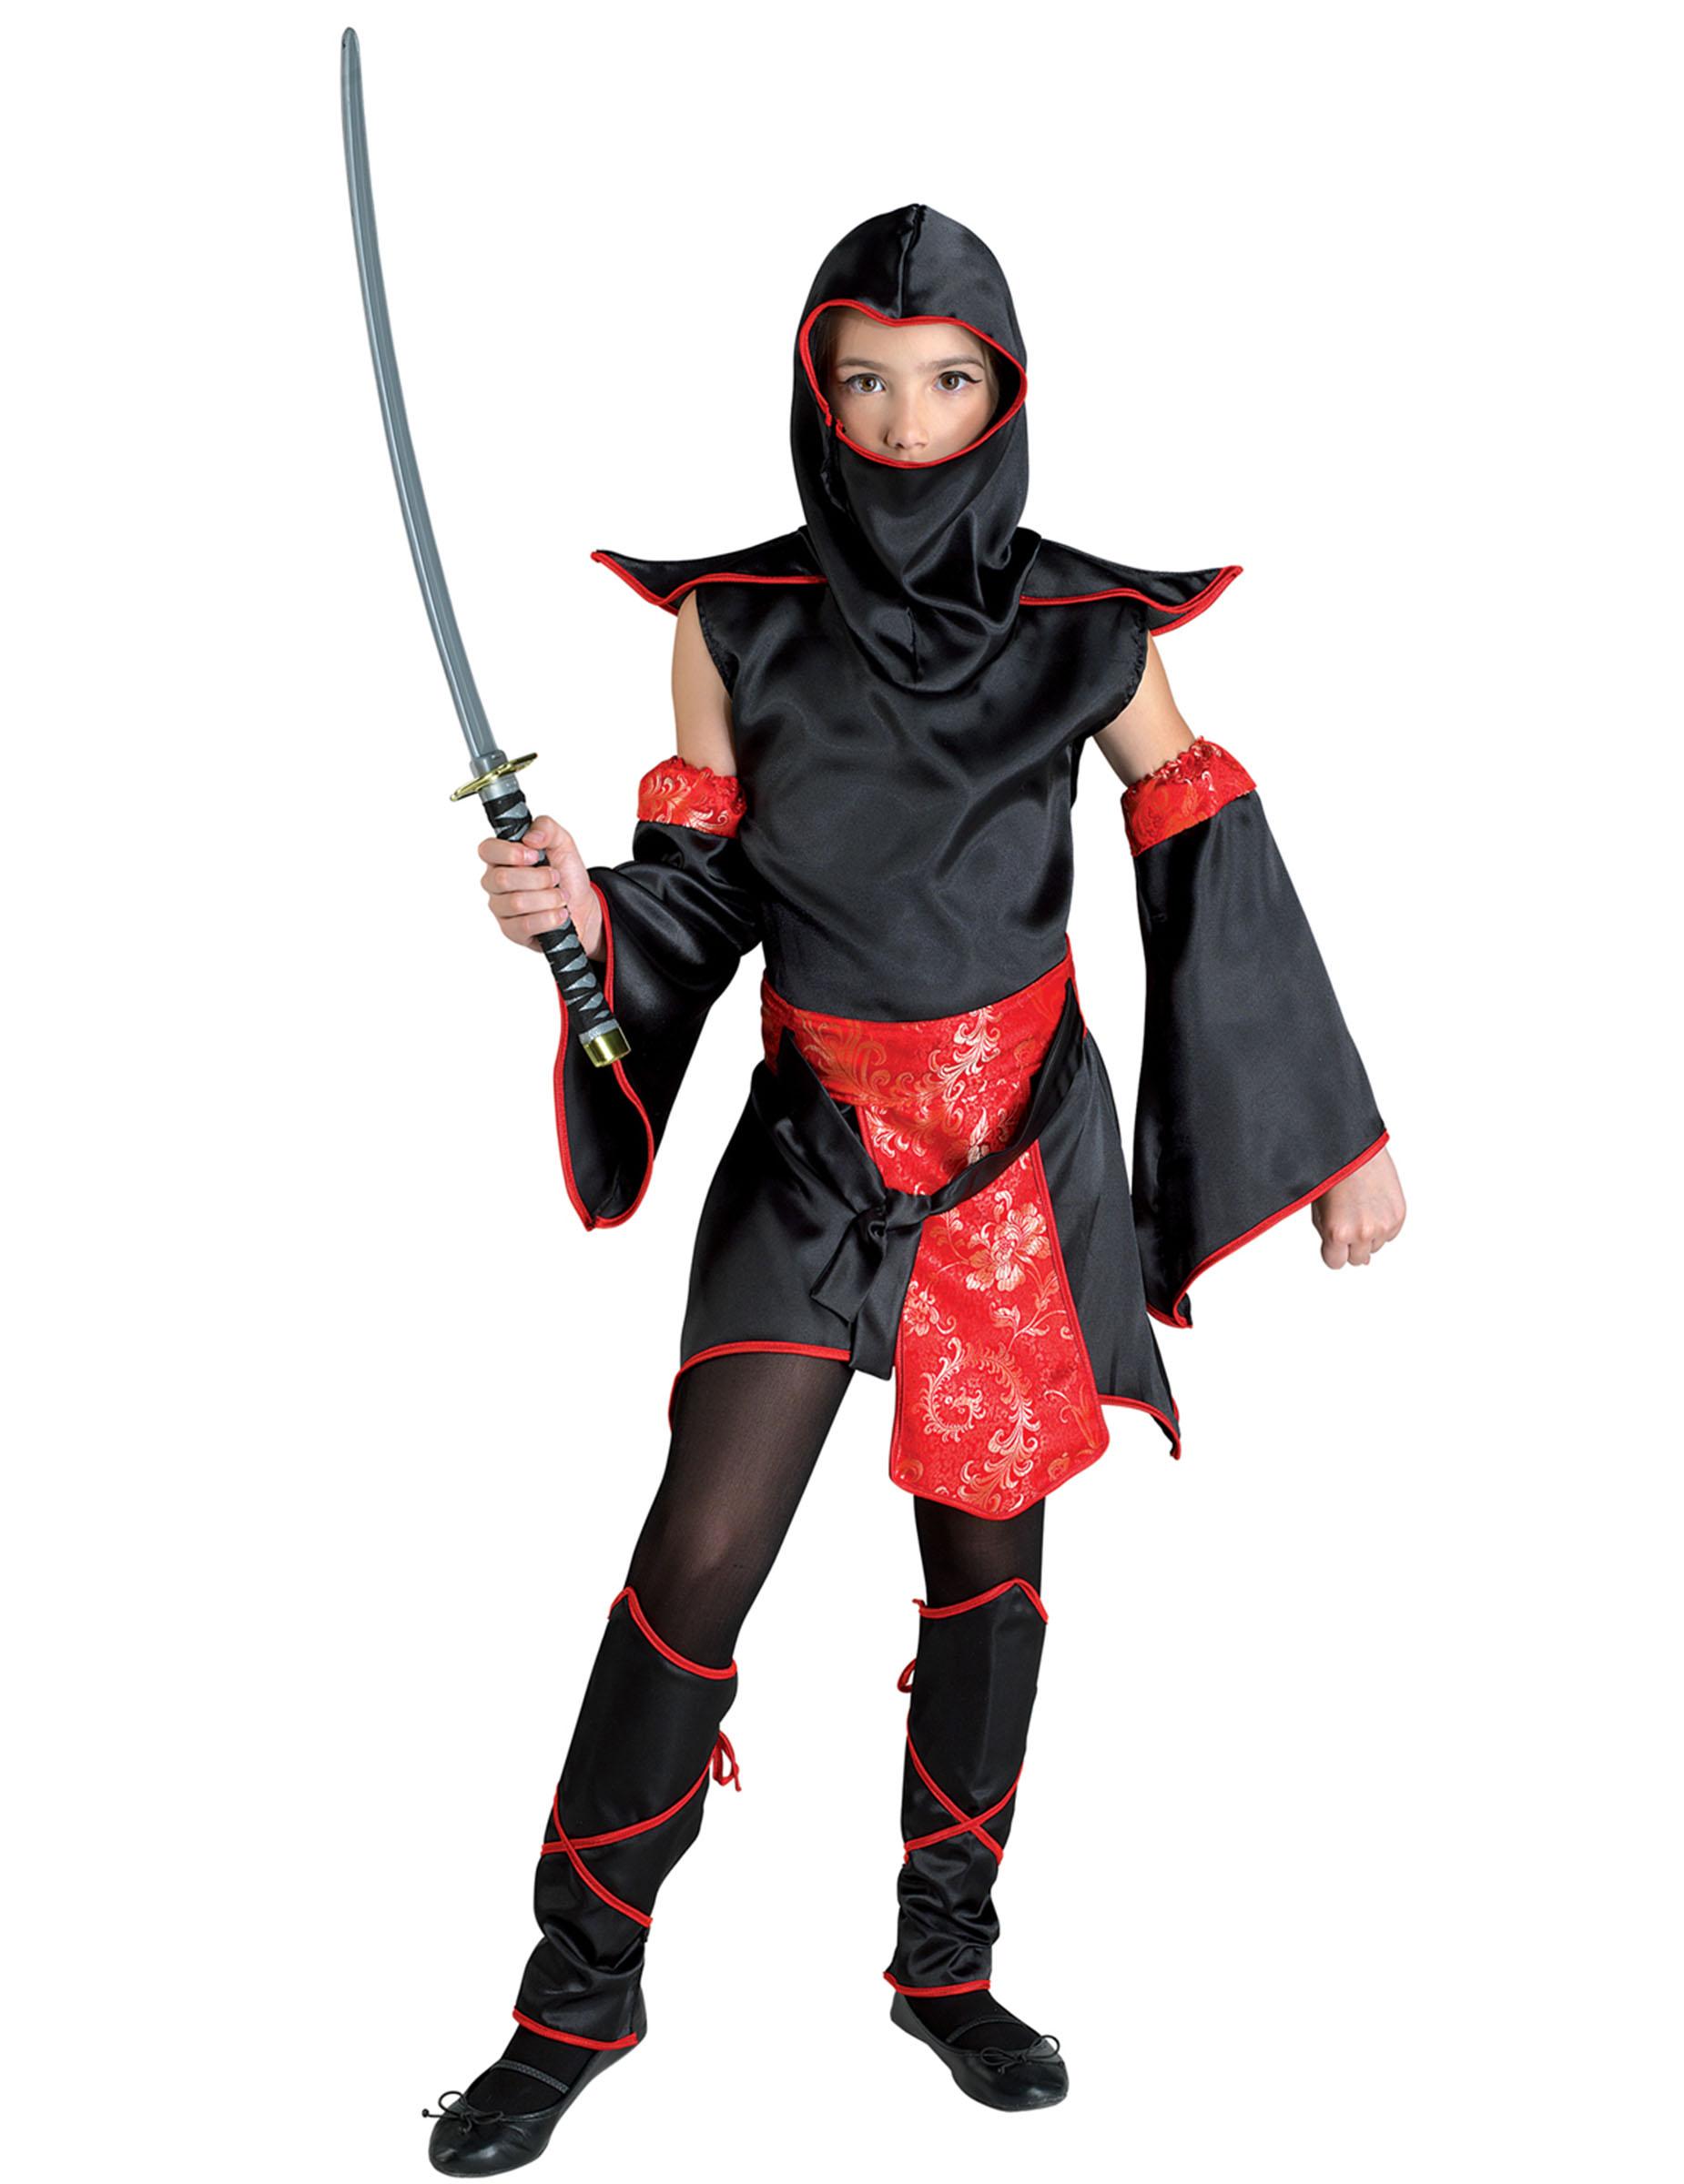 Disfraces Disfraces-adultos-todos - Disfraz de ninja negro